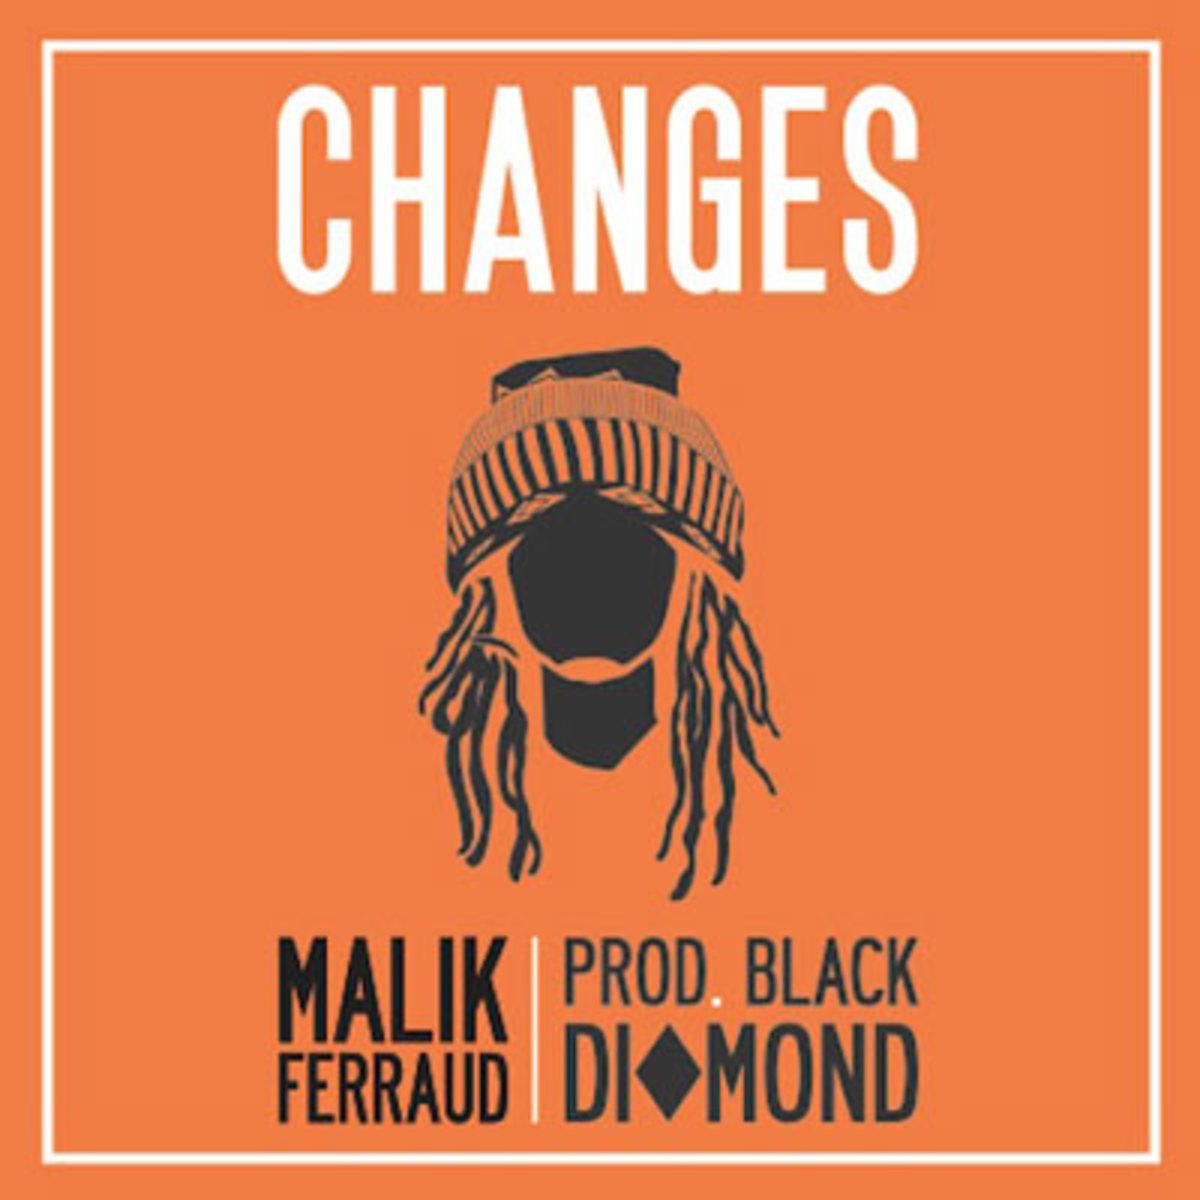 malikferraud-changes.jpg